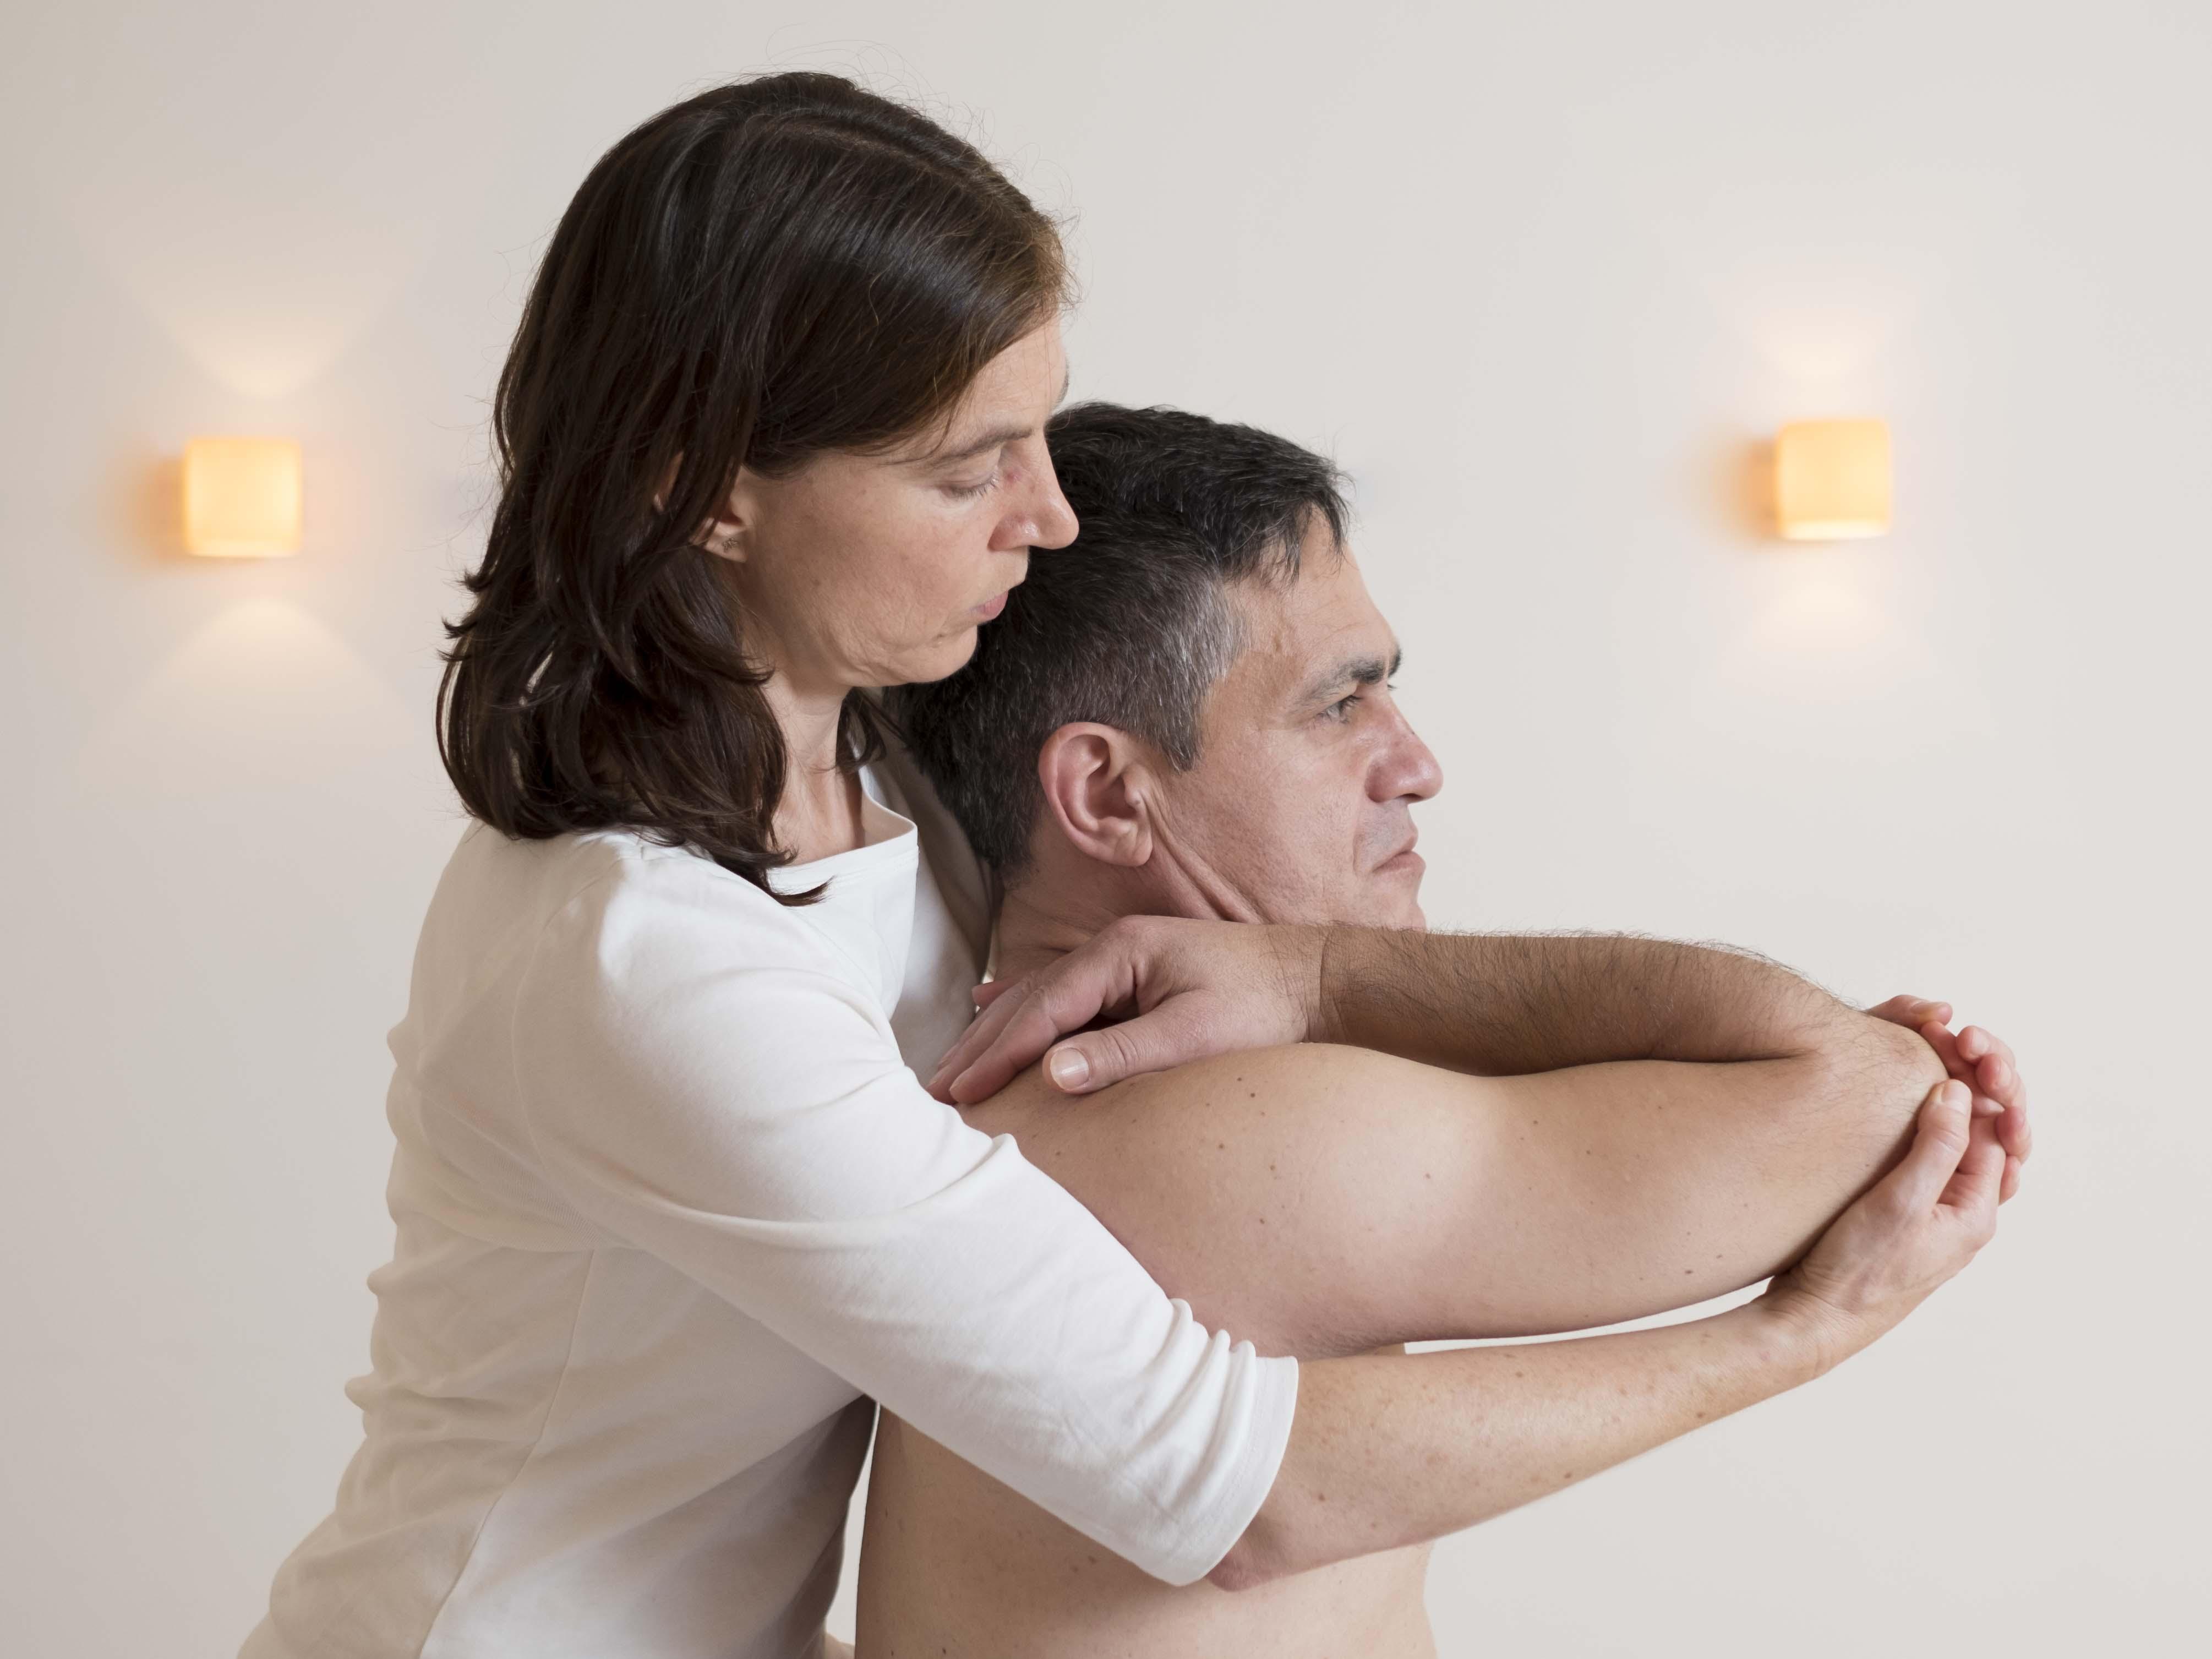 schulterschmerzen ubungen zum mitmachen schmerzen in der. Black Bedroom Furniture Sets. Home Design Ideas